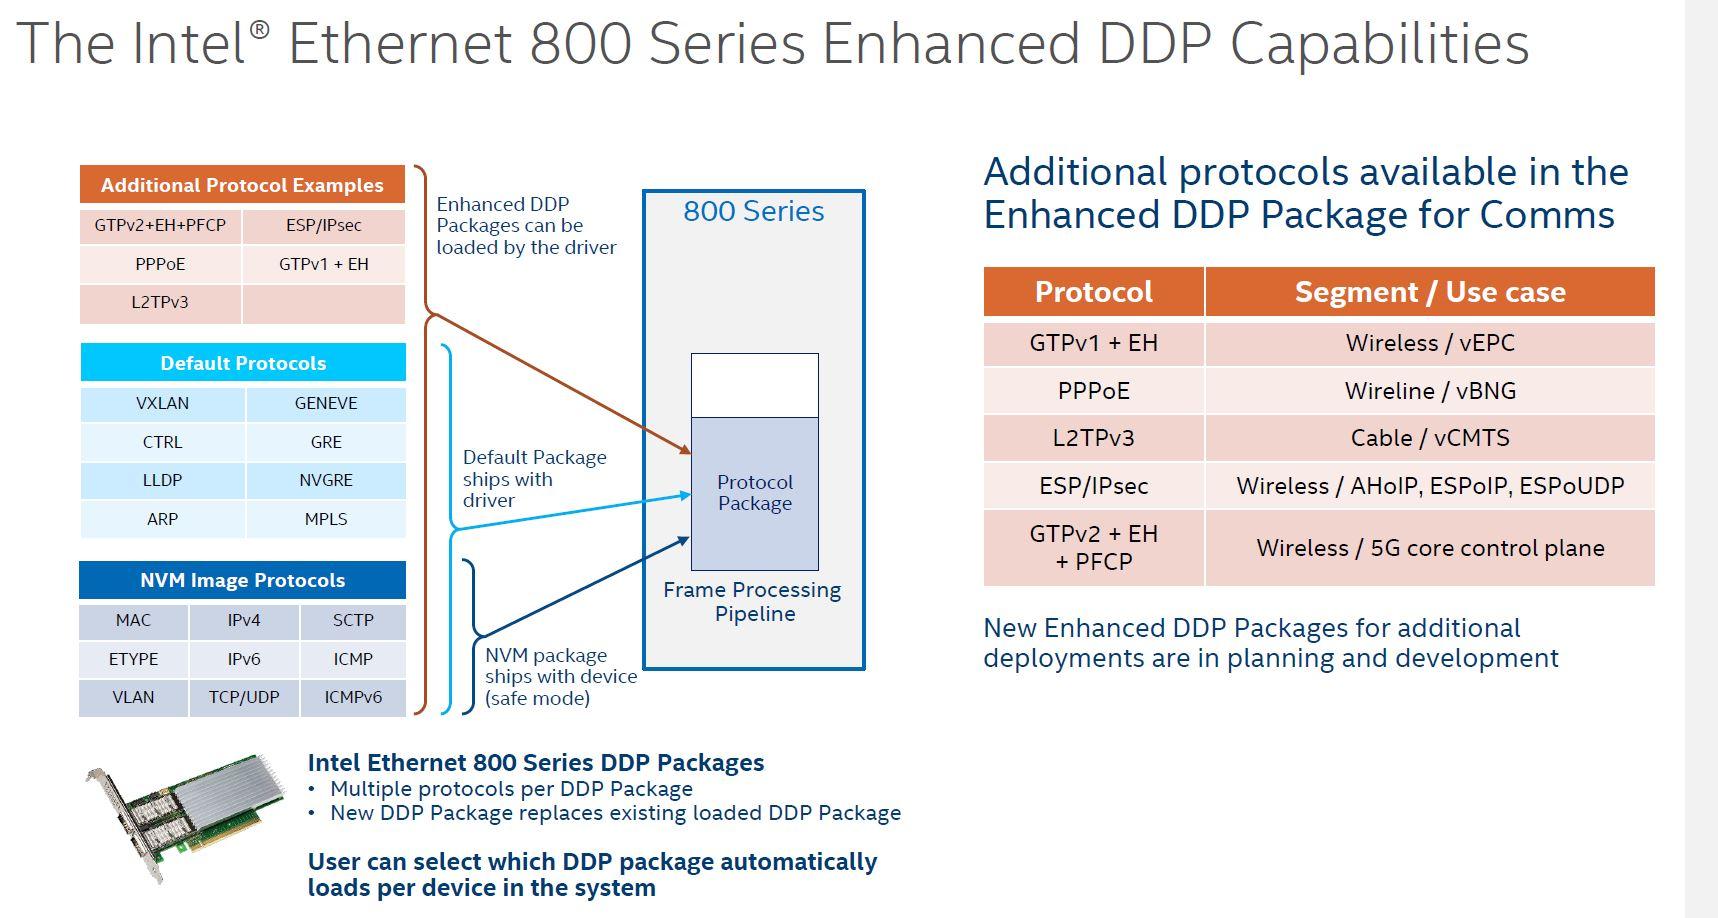 Intel 800 Series DDP